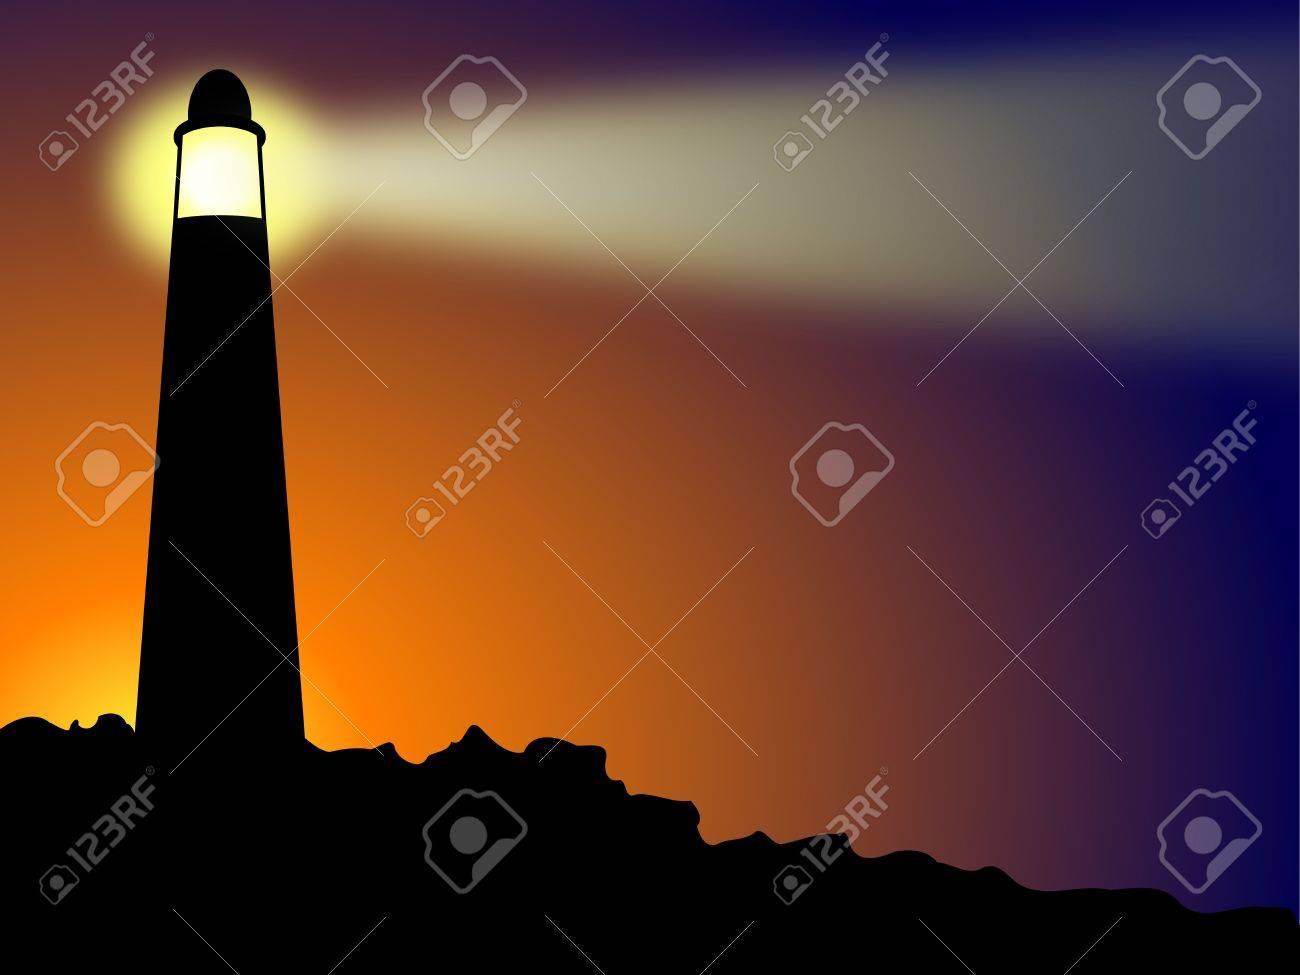 Lighthouse on rocks at sunset or sunrise Stock Photo - 7934138